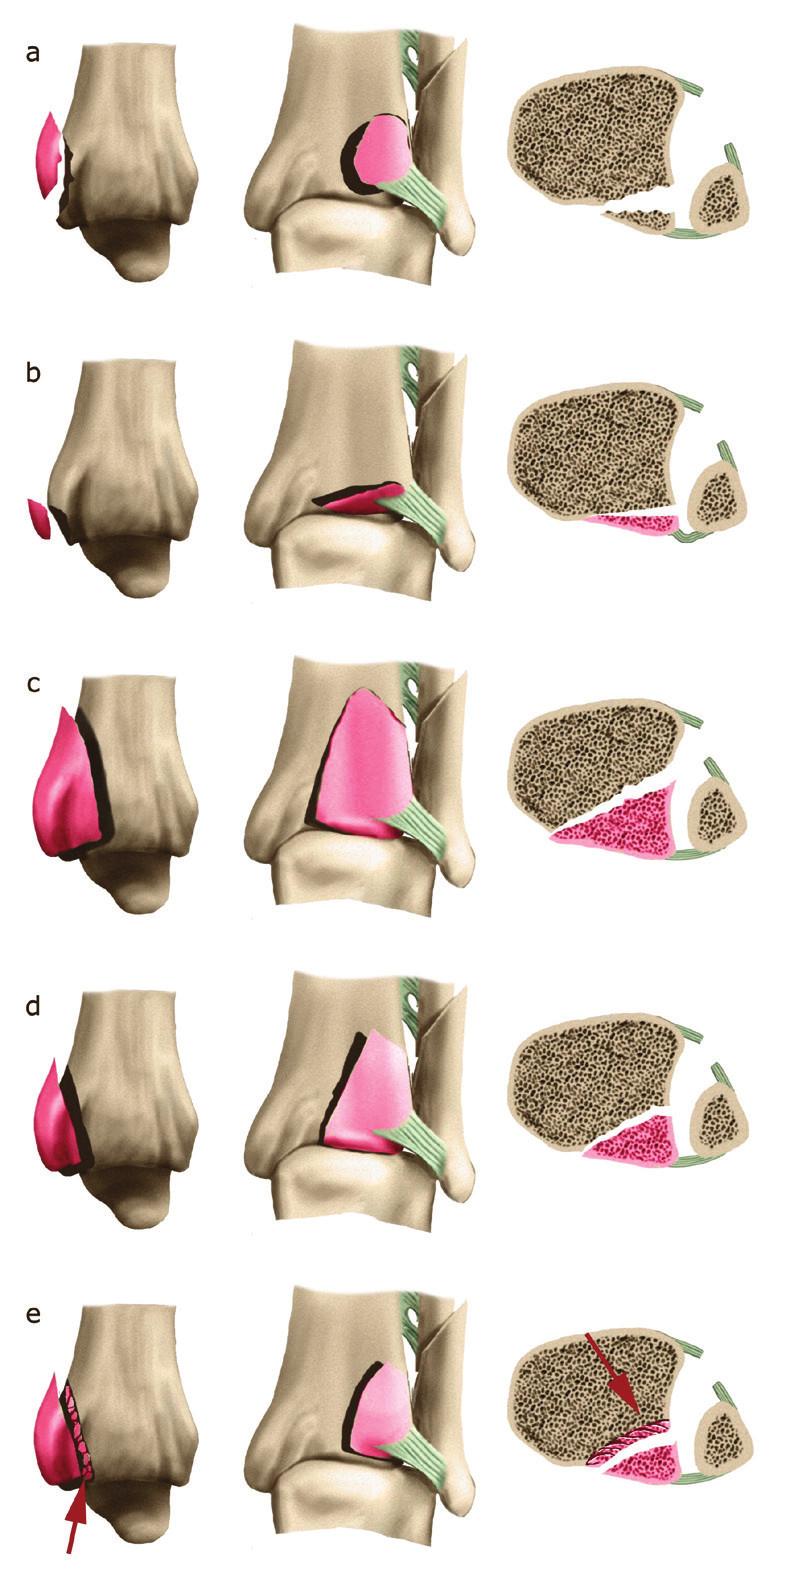 Heimova klasifikace z r. 1982 a – extraartikulární avulze tuberculum posterius tibiae se začátkem lig. tibiofibulare posterius, b – podélný úzký extraartikulární fragment zadní hrany tibie odtržený s úponem kloubního pouzdra, c – velký intraartikulární fragment zadní hrany, d – malý intraartikulární fragment zadní hrany, e – malý intraartikulární fragment s impresí přiléhající kloubní plochy tibie. Volně podle [31]. Fig. 5: Heim classification published in 1982 a – extraarticular avulsion of tuberculum posterius tibiae with origin of lig. tibiofibulare posterius, b – a longitudinal narrow extraarticular fragment of posterior tibial edge avulsed with insertion of articular capsule, c – large intraarticular fragment of posterior edge, d – small intraarticular fragment of posterior edge, e – small intraarticular fragment, with impression of adjacent articular surface of distal tibia. Adapted from [31].